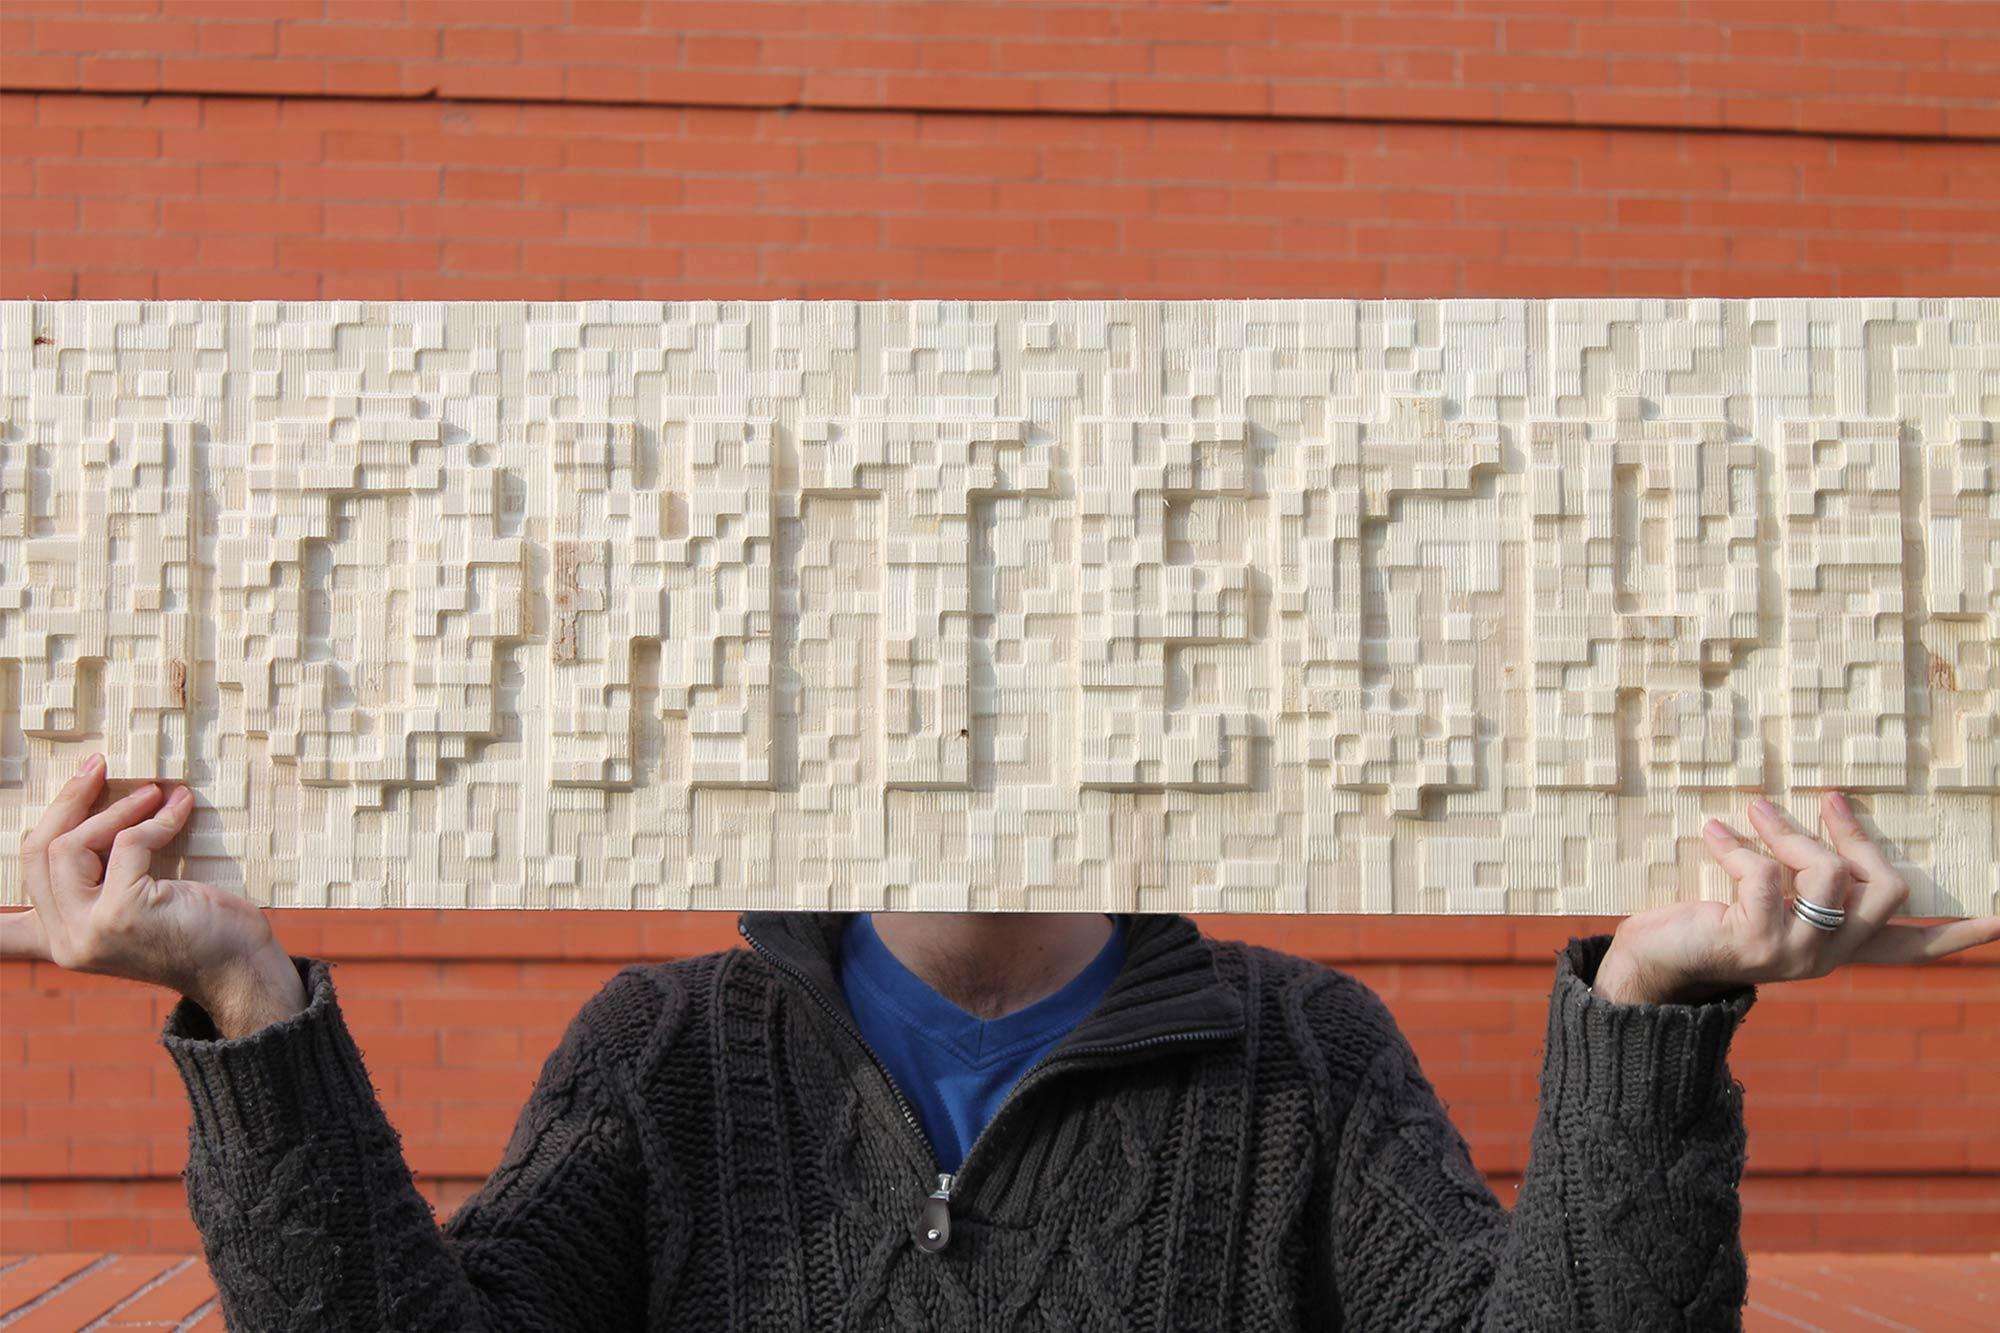 Fresado-Montecristo-_-Diseño-_-EXarchitects_02